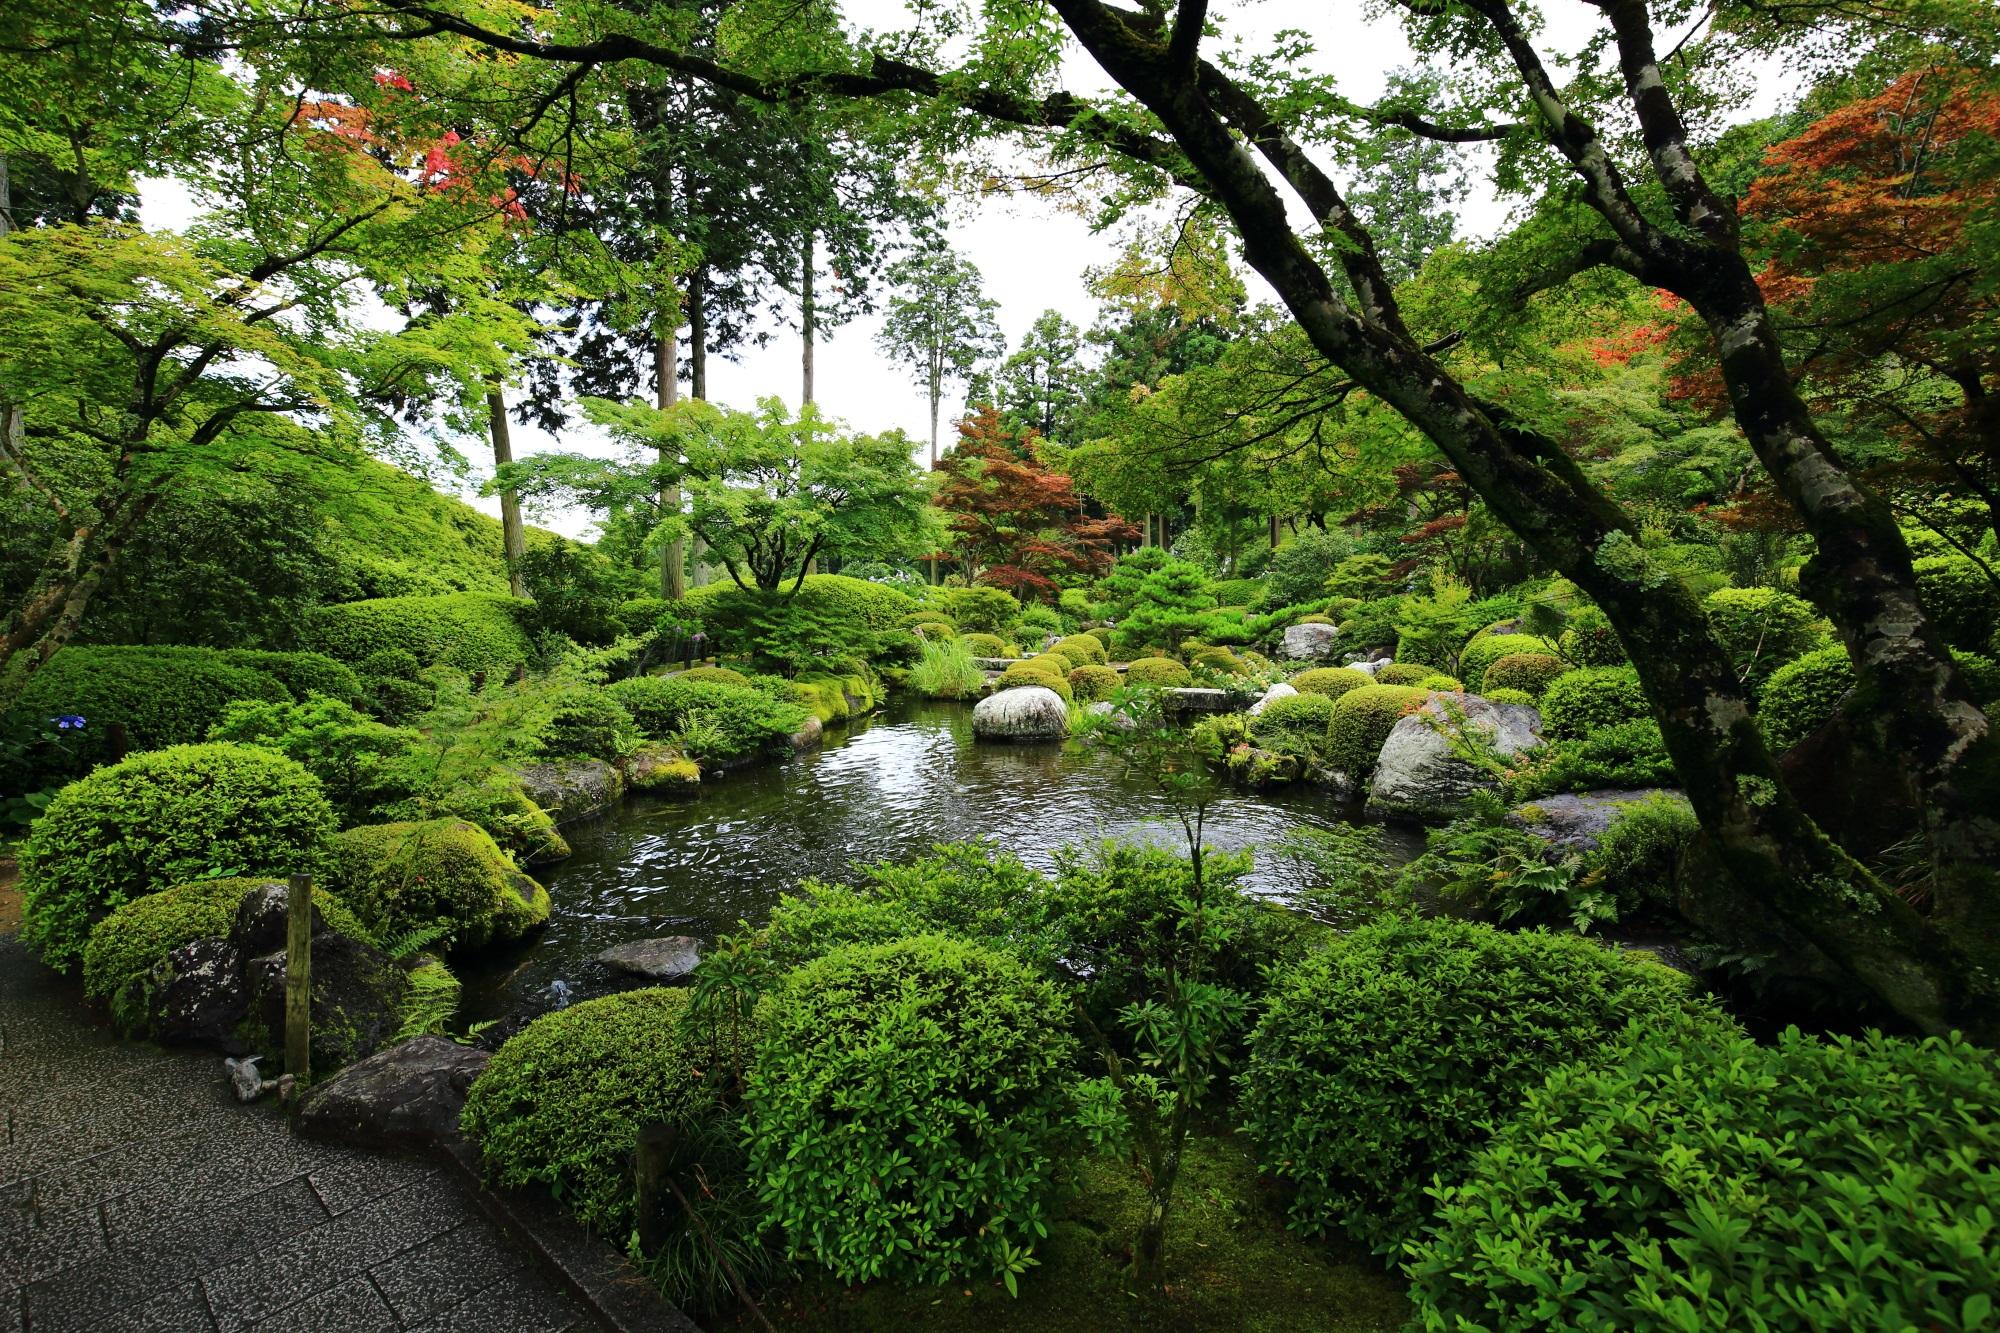 周囲をぐるっと回れる三室戸寺の回遊式の池泉式庭園